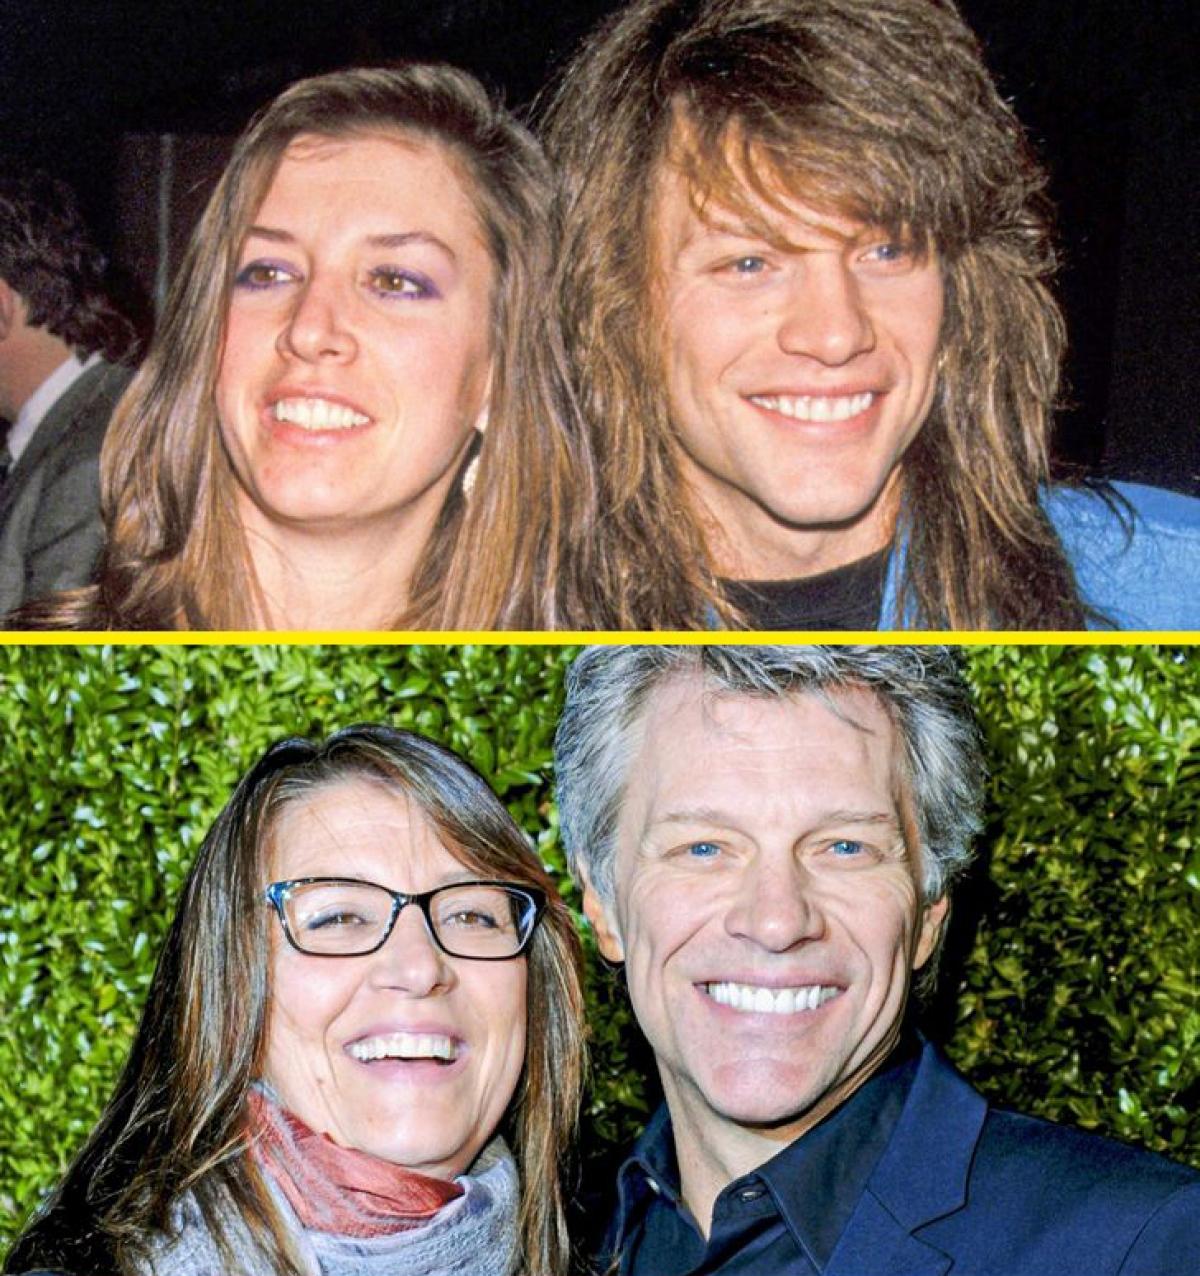 Jon Bon Jovi và Dorothea Hurley:Ngôi sao nhạc rock và người yêu thời trung học Dorothea kết hôn tại Las Vegasvào năm 1989. Họ đã ở bên nhau hơn 40 năm và có với nhau 4 người con.Khi được hỏi về bí quyết giữ mối quan hệ bền chặt trong nhiều năm, Bon Jovi nói rằng đó là sự tôn trọng dành cho nhau.